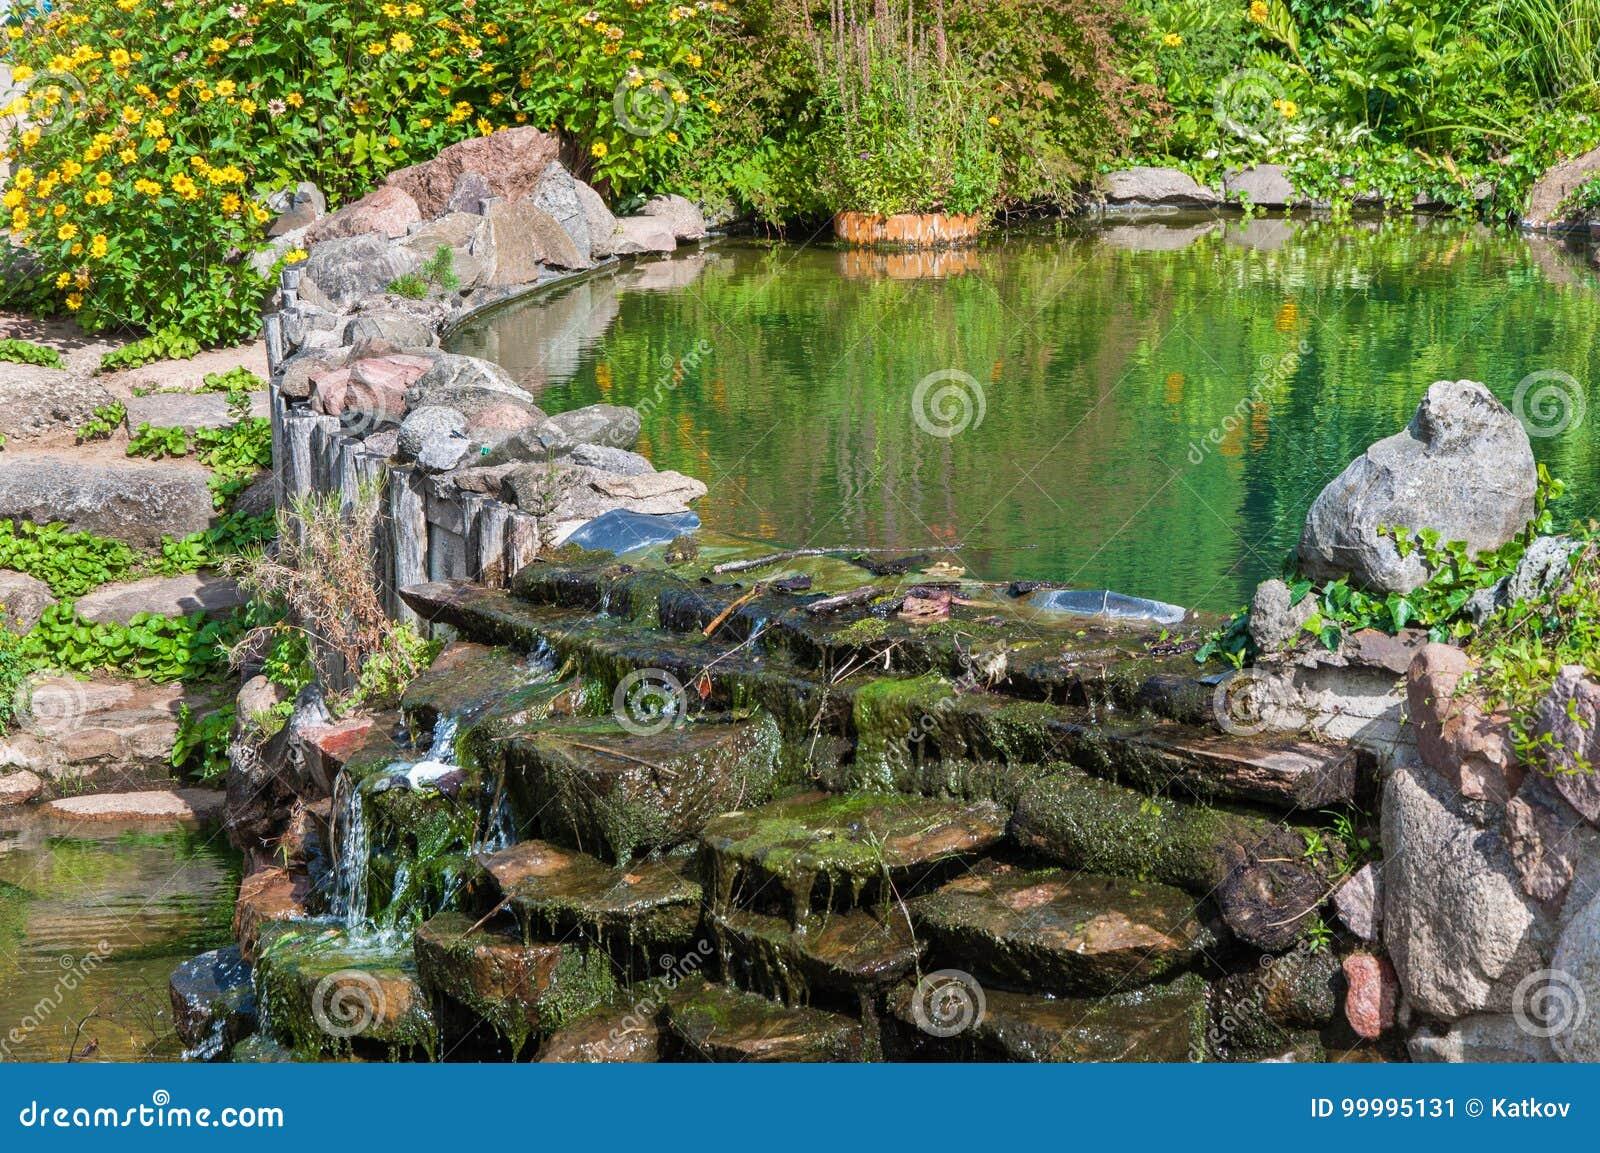 Old pond in garden